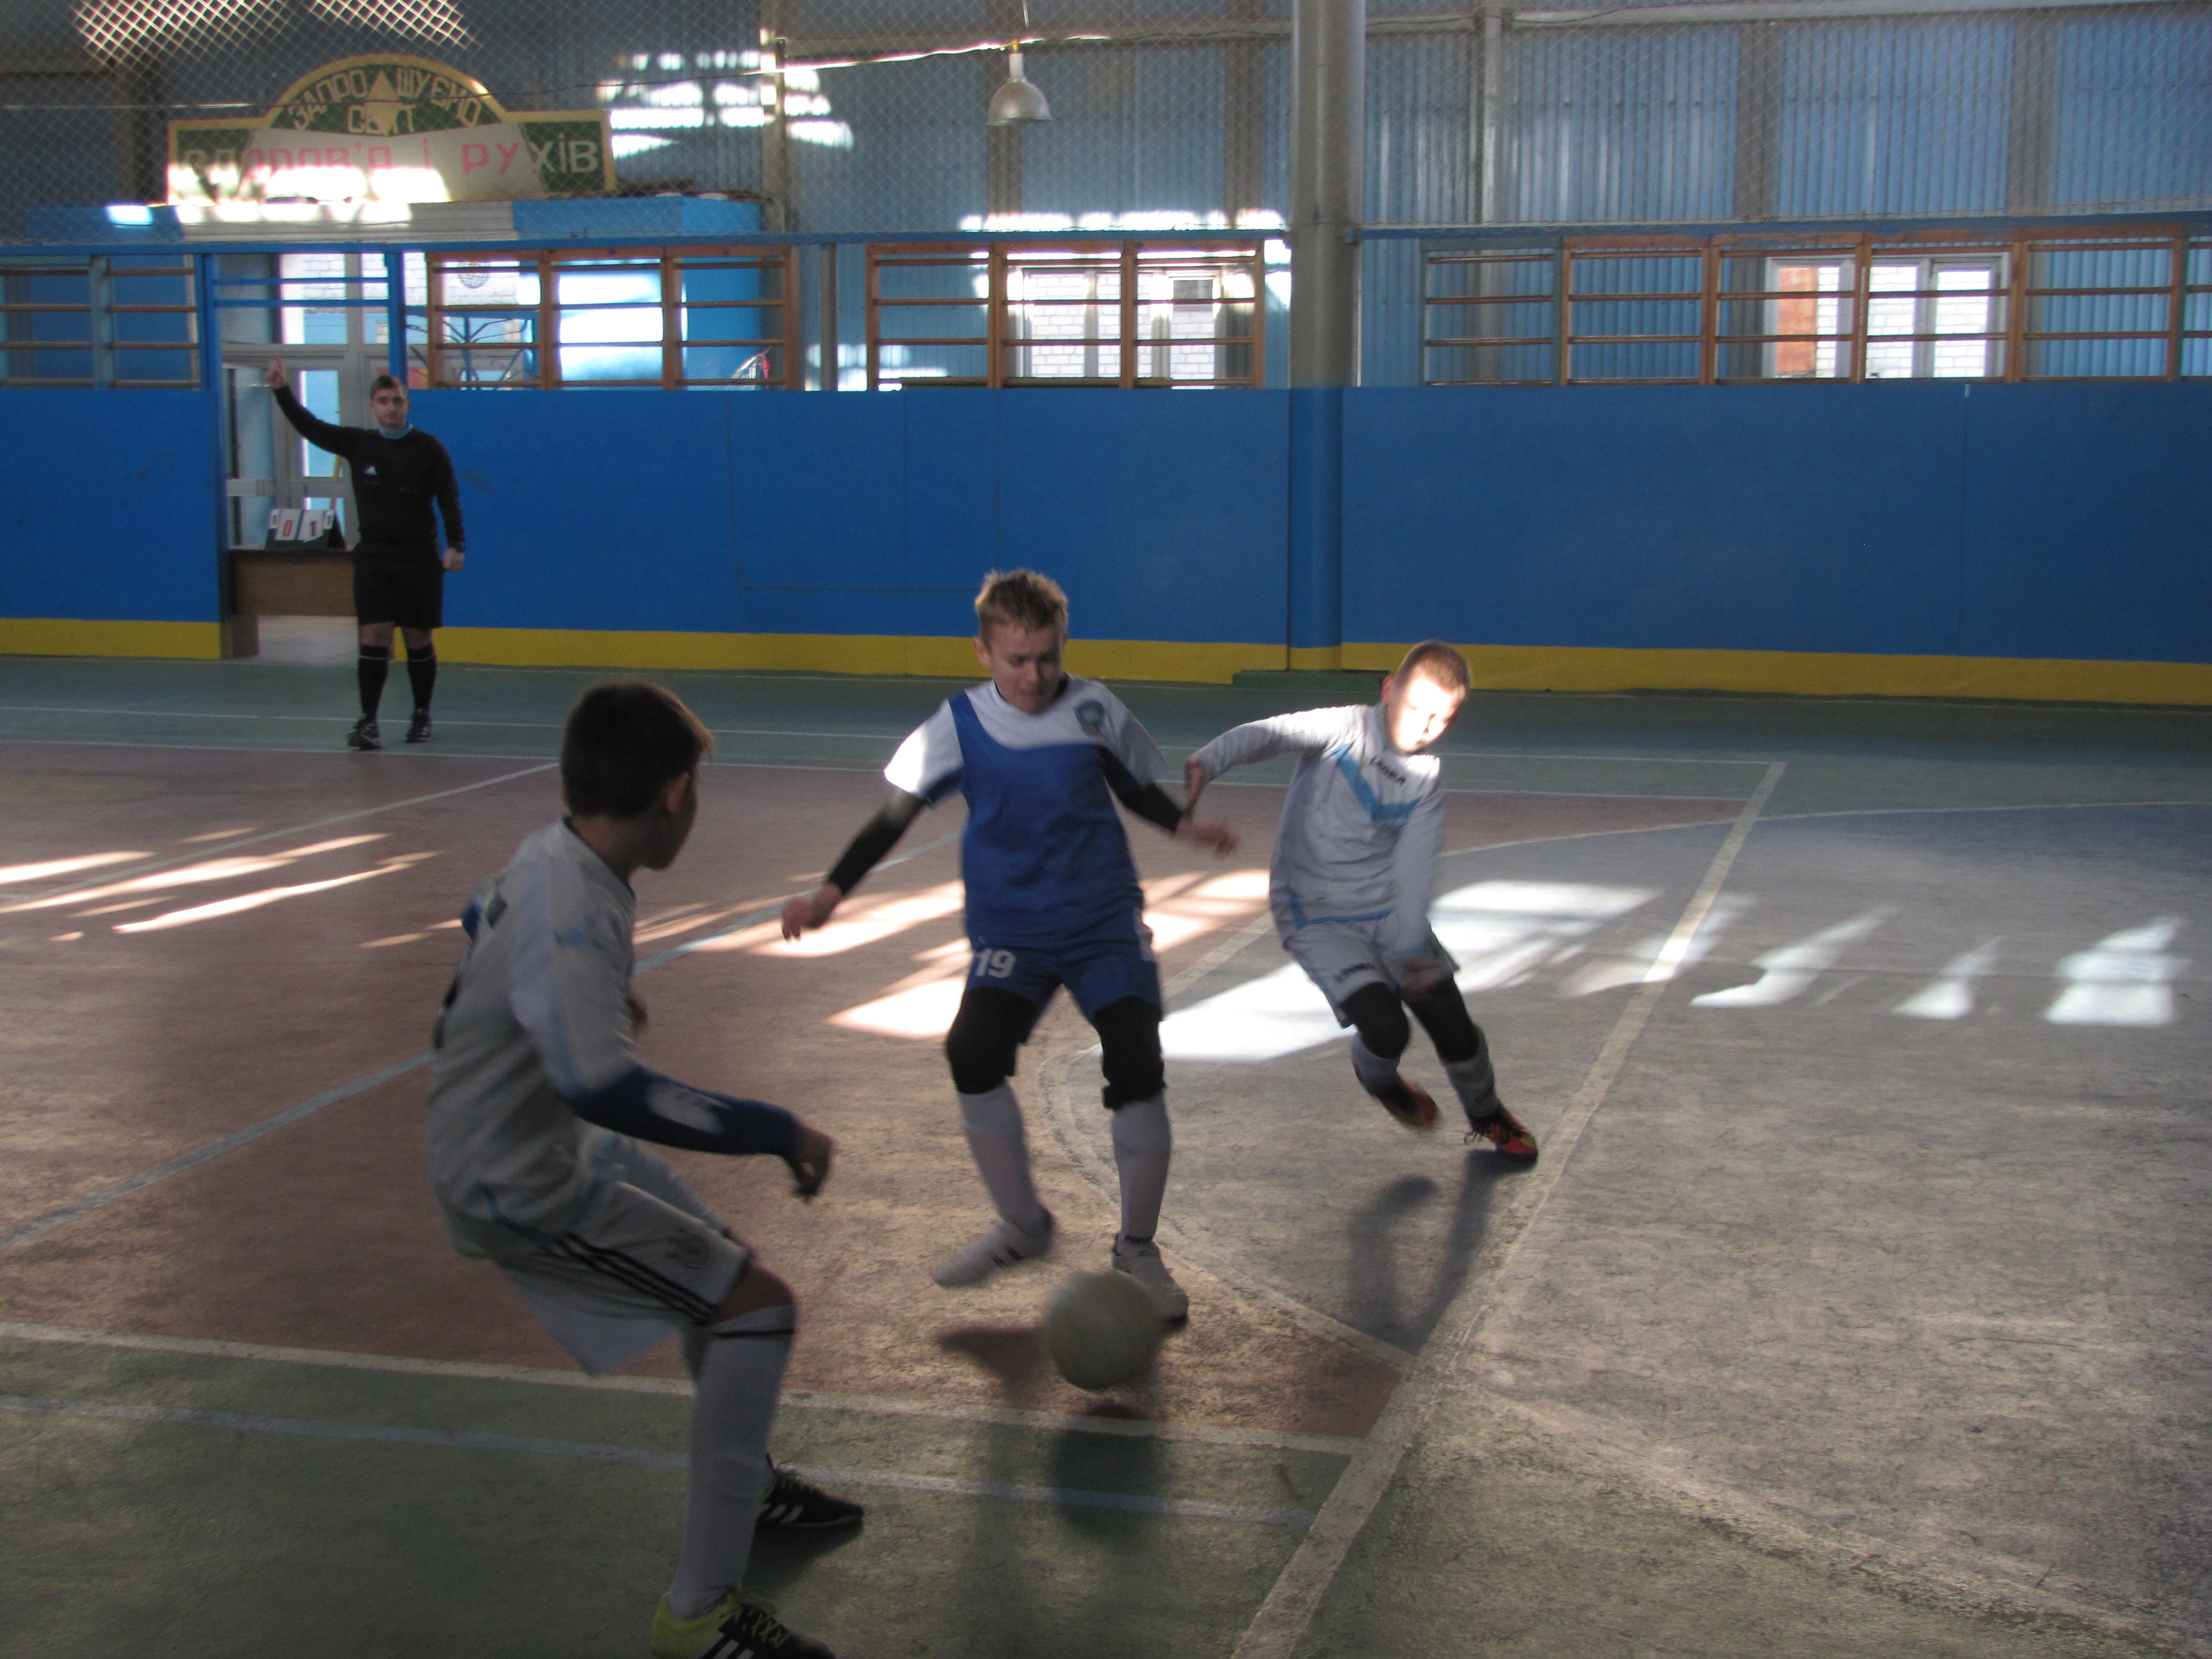 21-22 січня у спорткоплексі КДЮСШ м Херсону відбулися зональні змагання  Чемпіонату Херсонської області з футзалу серед юнаків 2005-2006 років